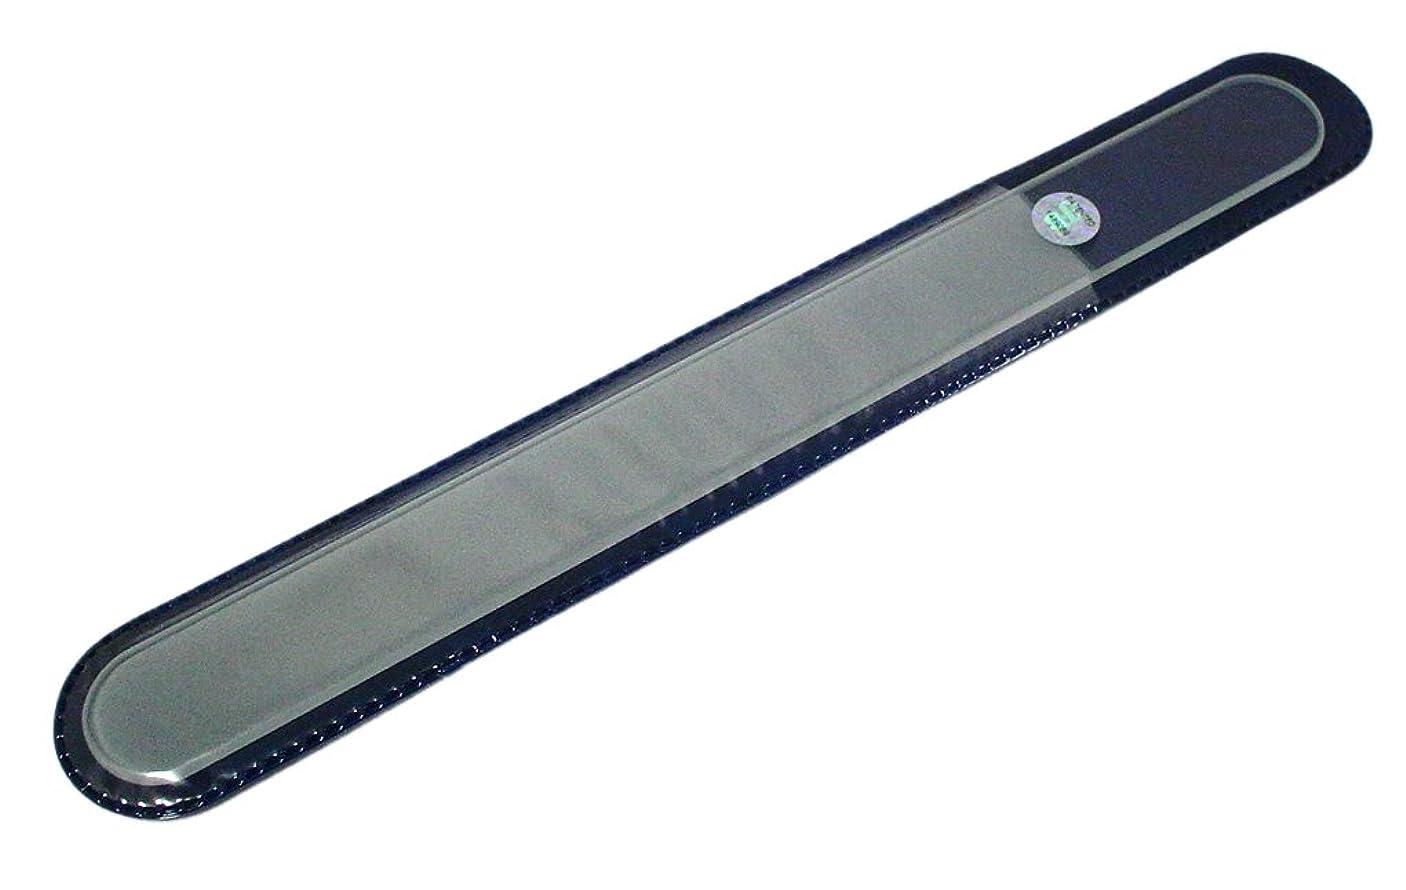 リー余剰冒険者BLAZEK(ブラジェク) ガラスやすり(爪?かかと用) プレーン Lサイズ200mm